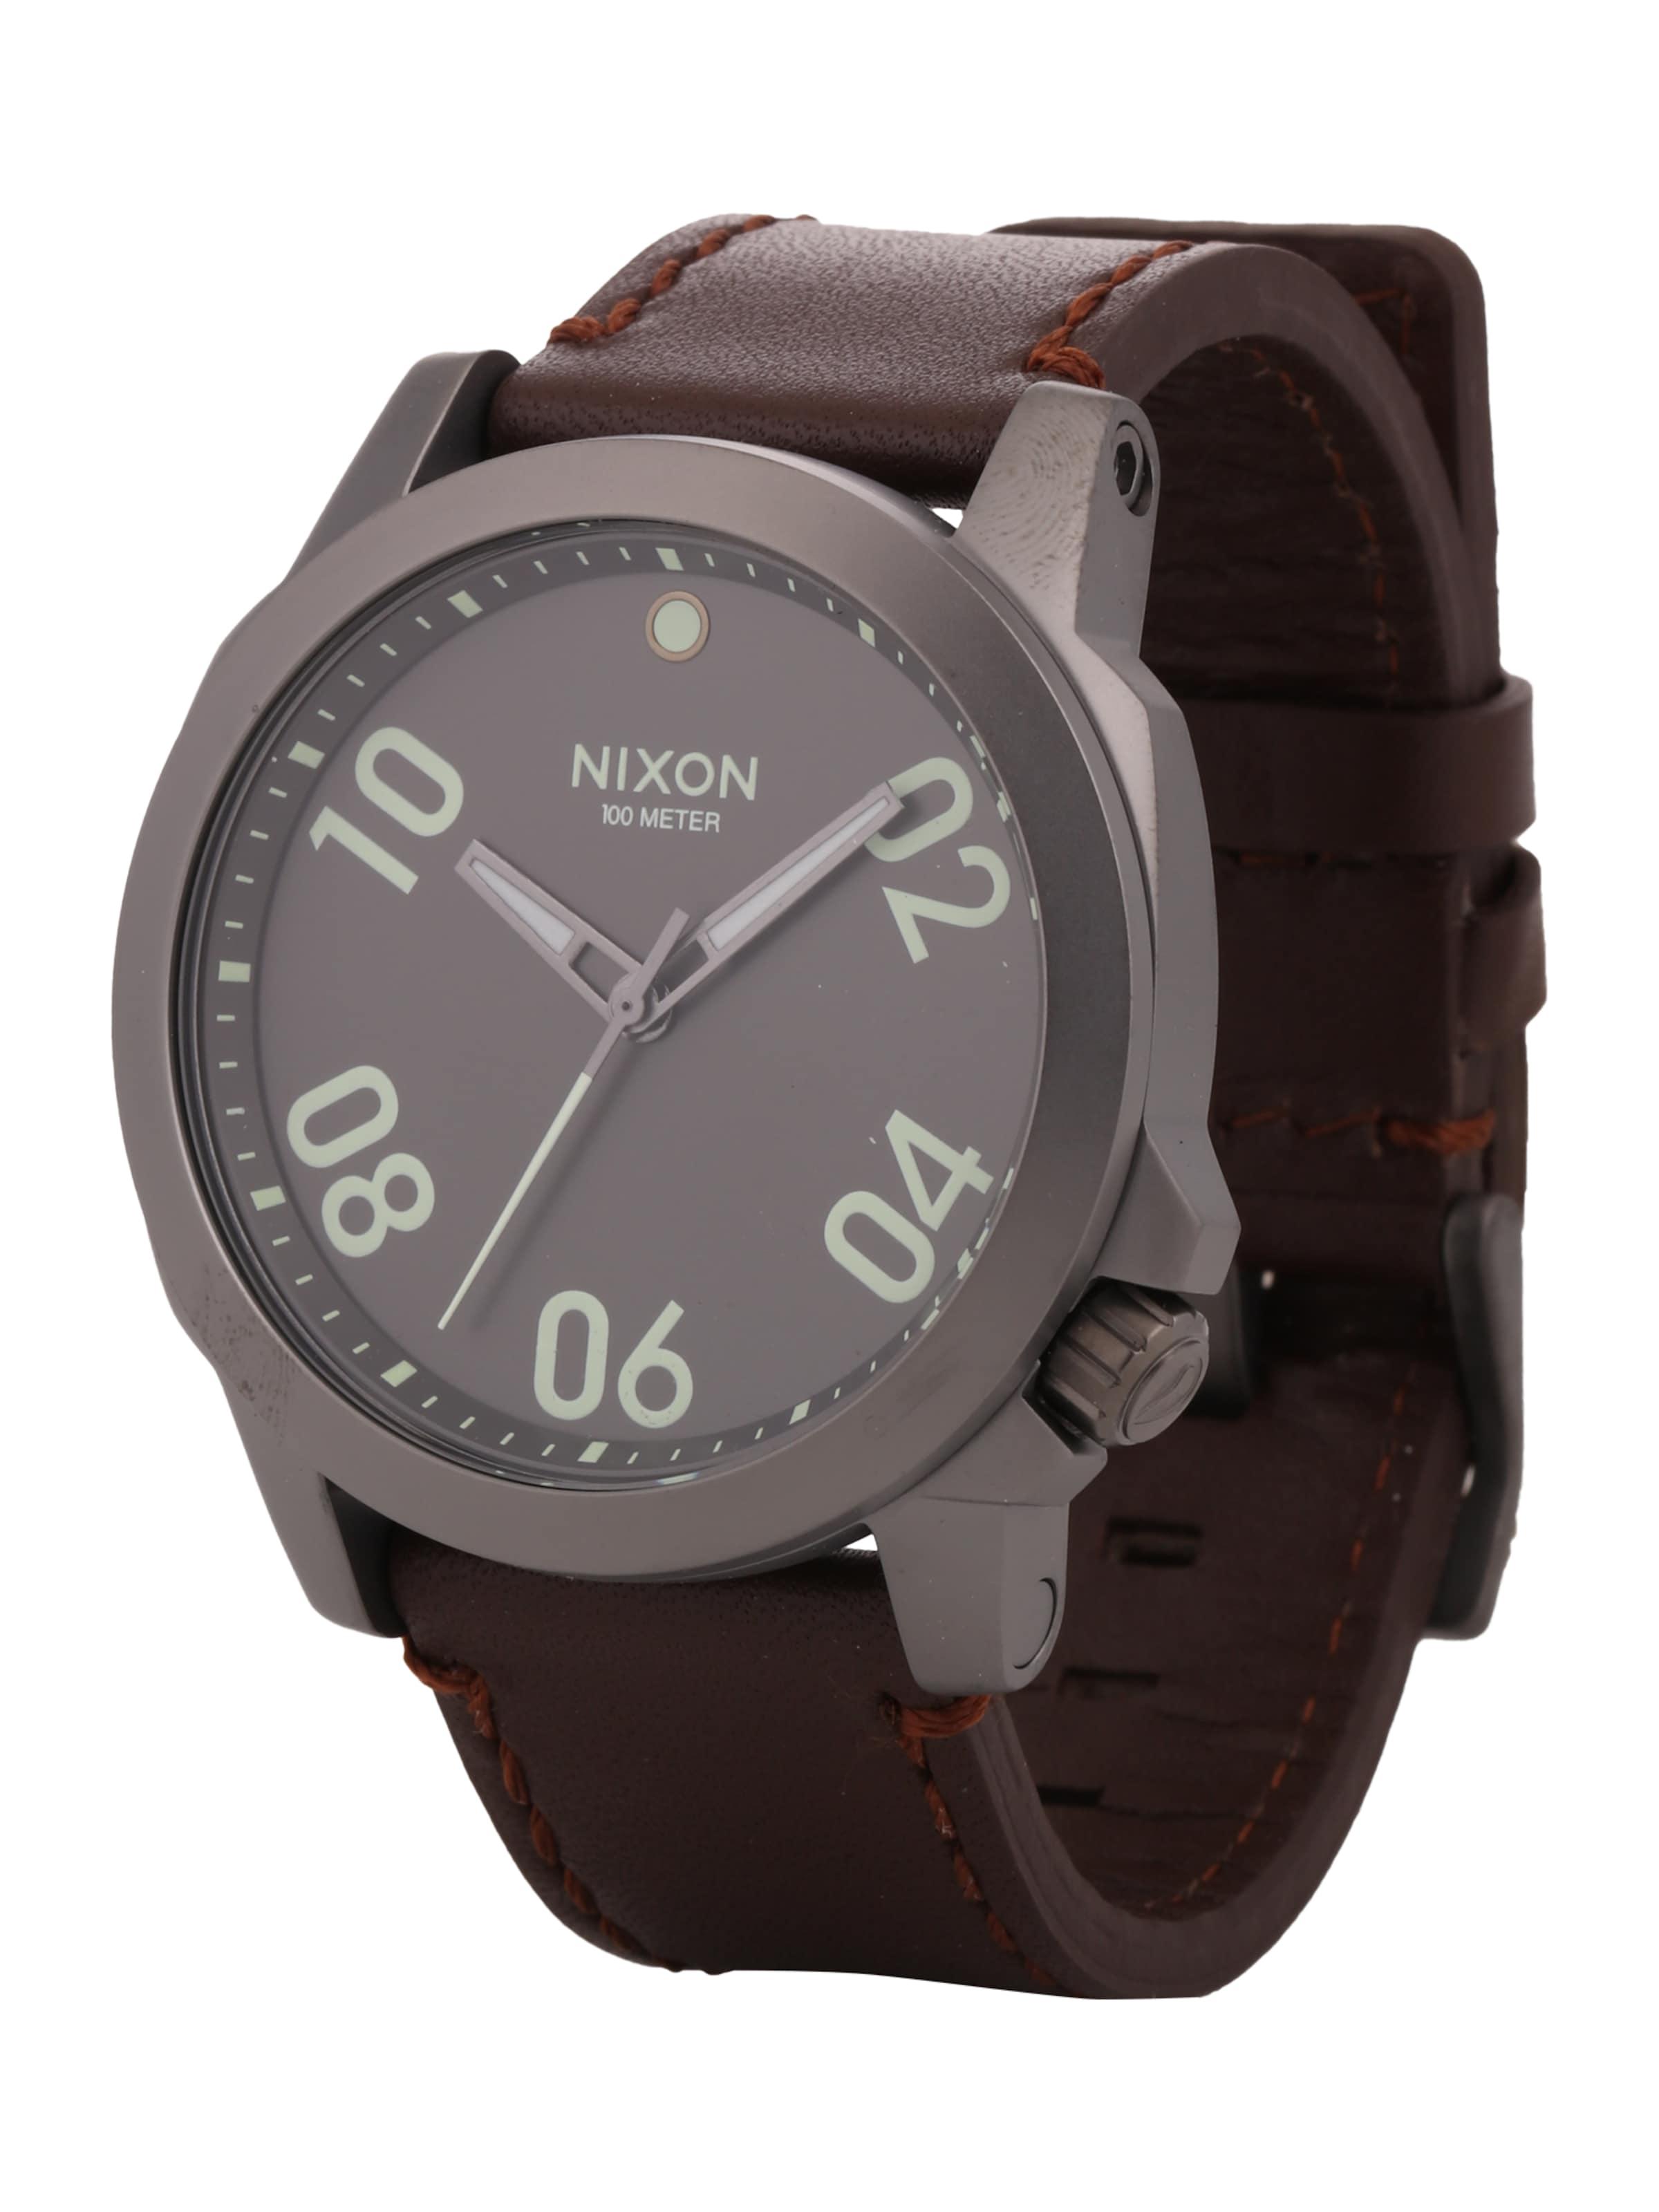 Nixon Armbanduhr 'Ranger 45 Leather' Für Schön Zu Verkaufen Insbesondere Rabatt Billigste Zum Verkauf Billig Verkauf Blick Kaufladen Hp1ATK